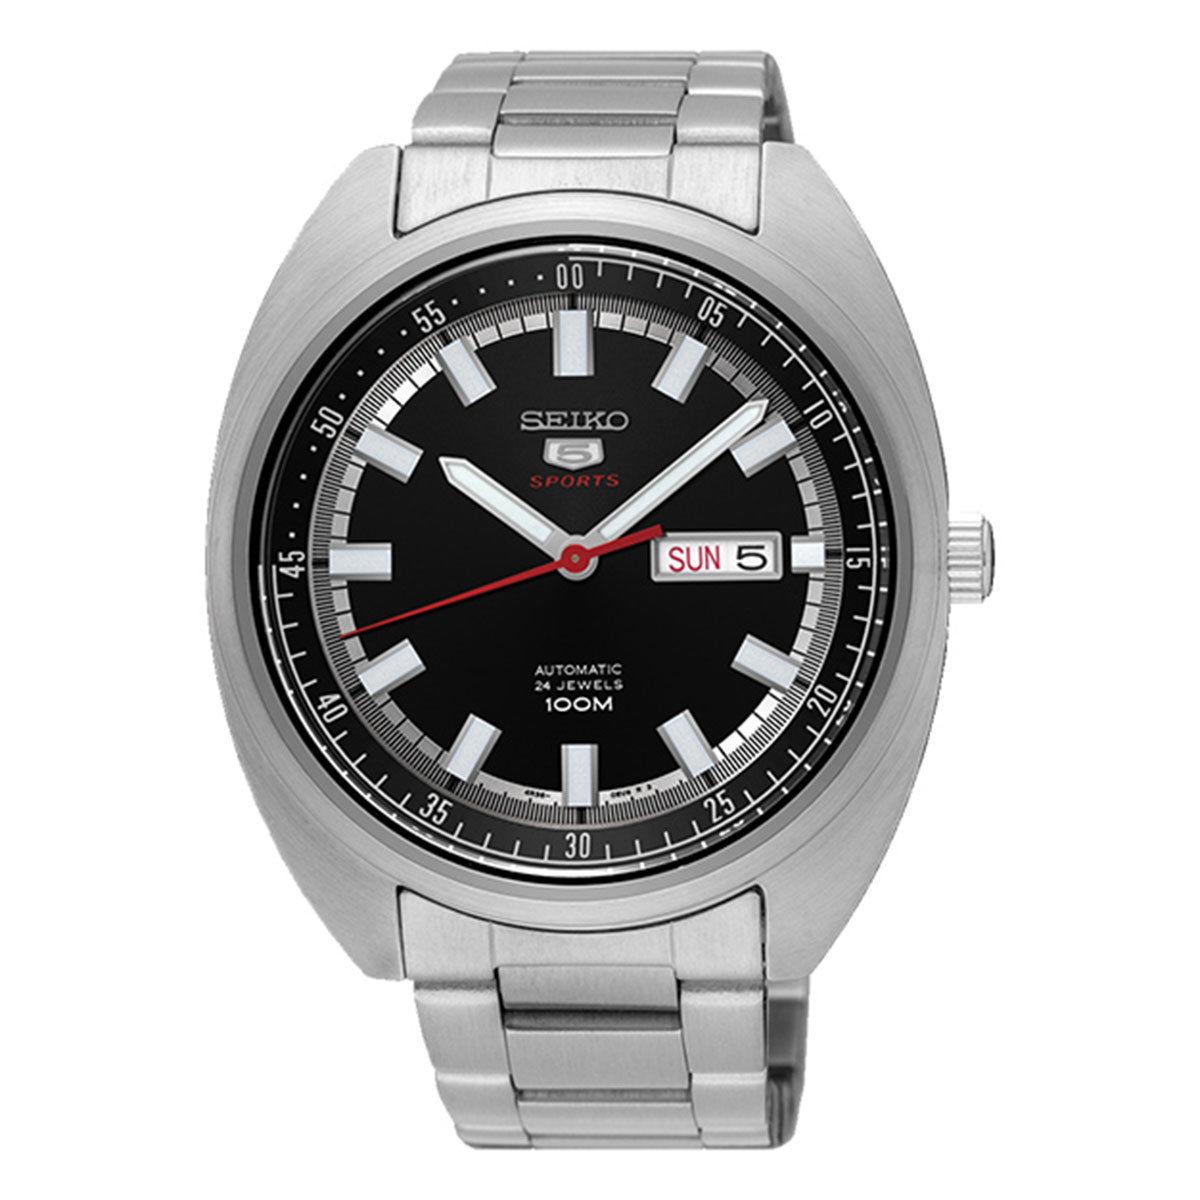 นาฬิกาผู้ชาย Seiko รุ่น SRPB19J1, Seiko 5 Sports Automatic Japan